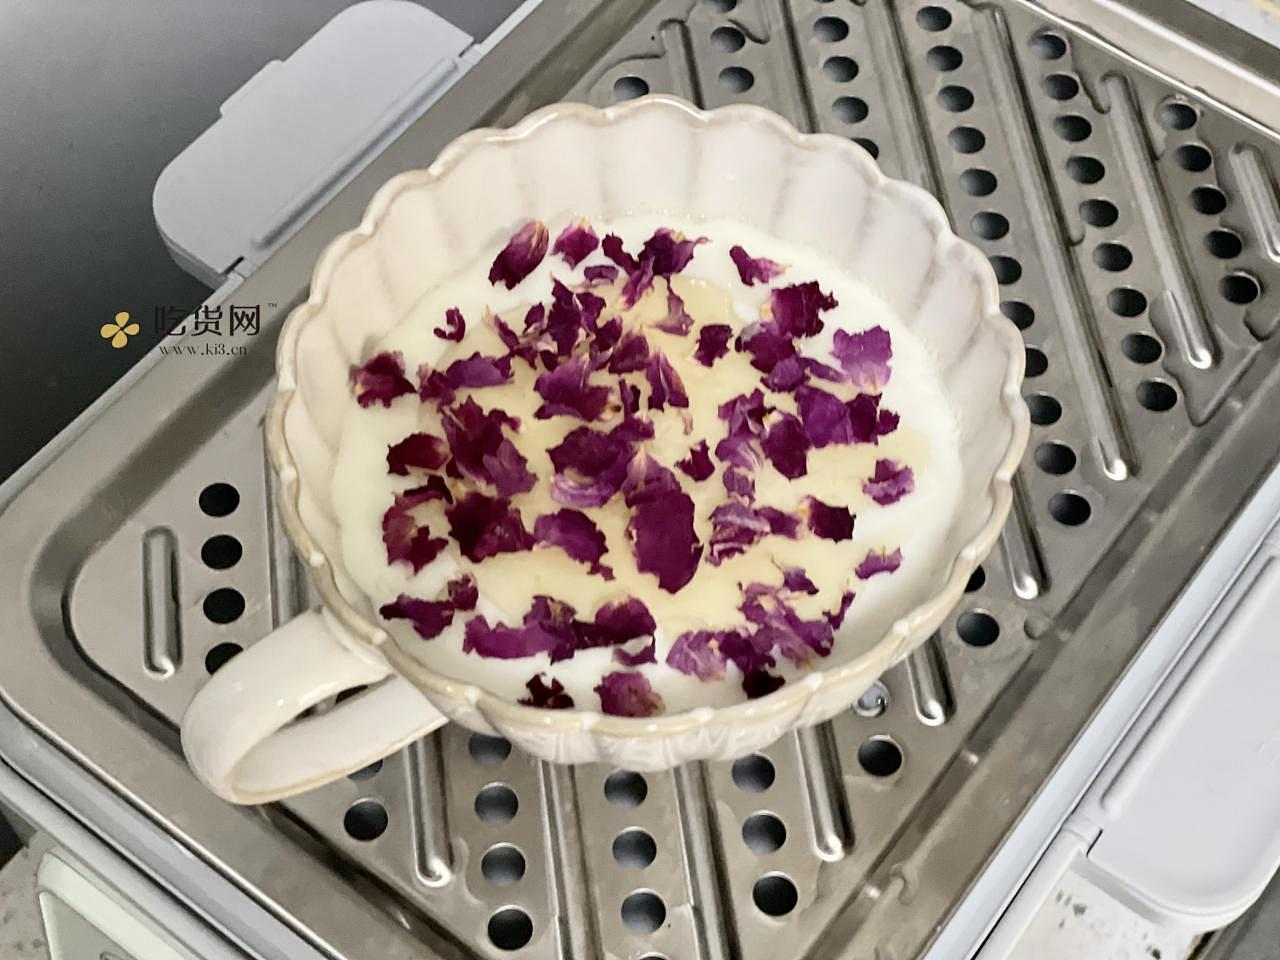 蜂蜜玫瑰炖奶,入口即化,美容养颜的做法 步骤7